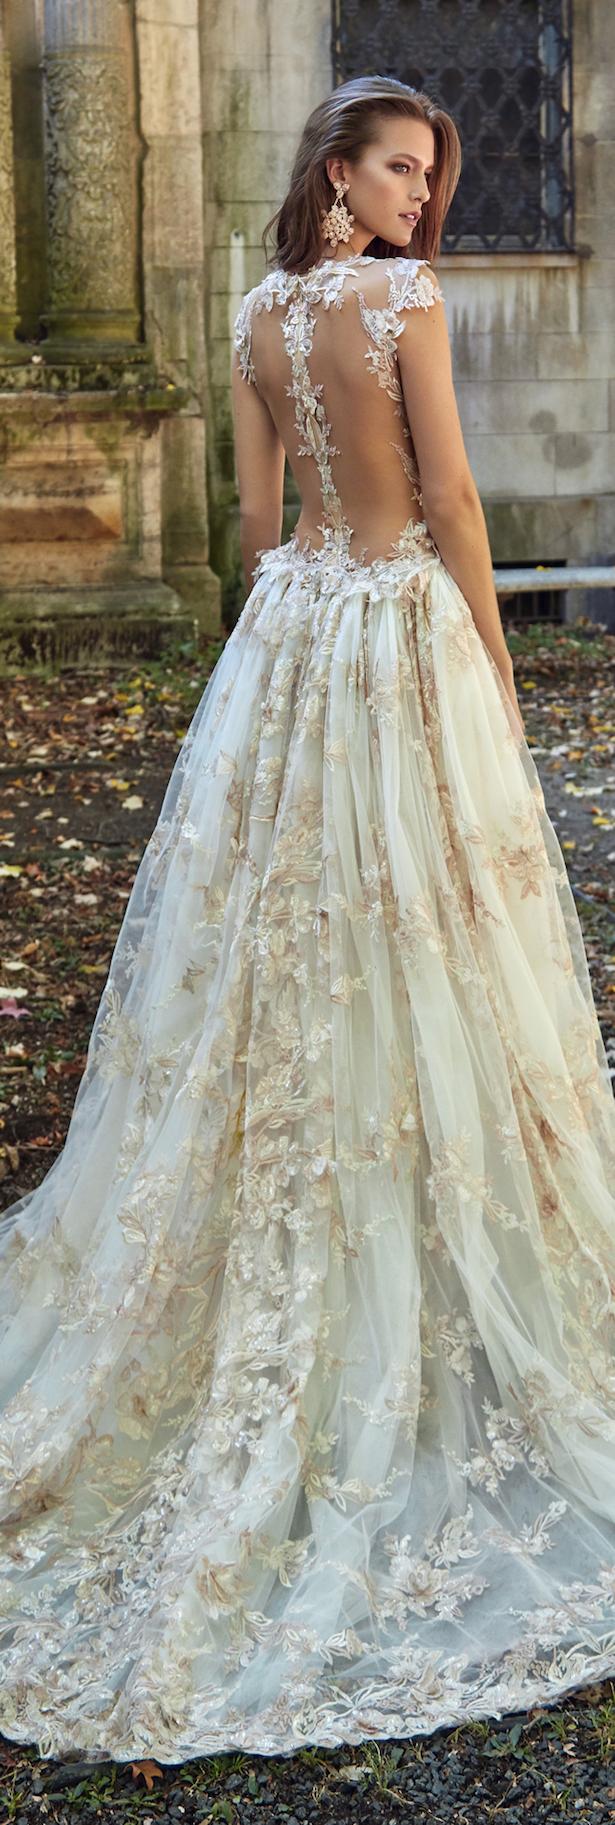 Galia Lahav 2017 Bridal Collection Le Secret Royal Ii